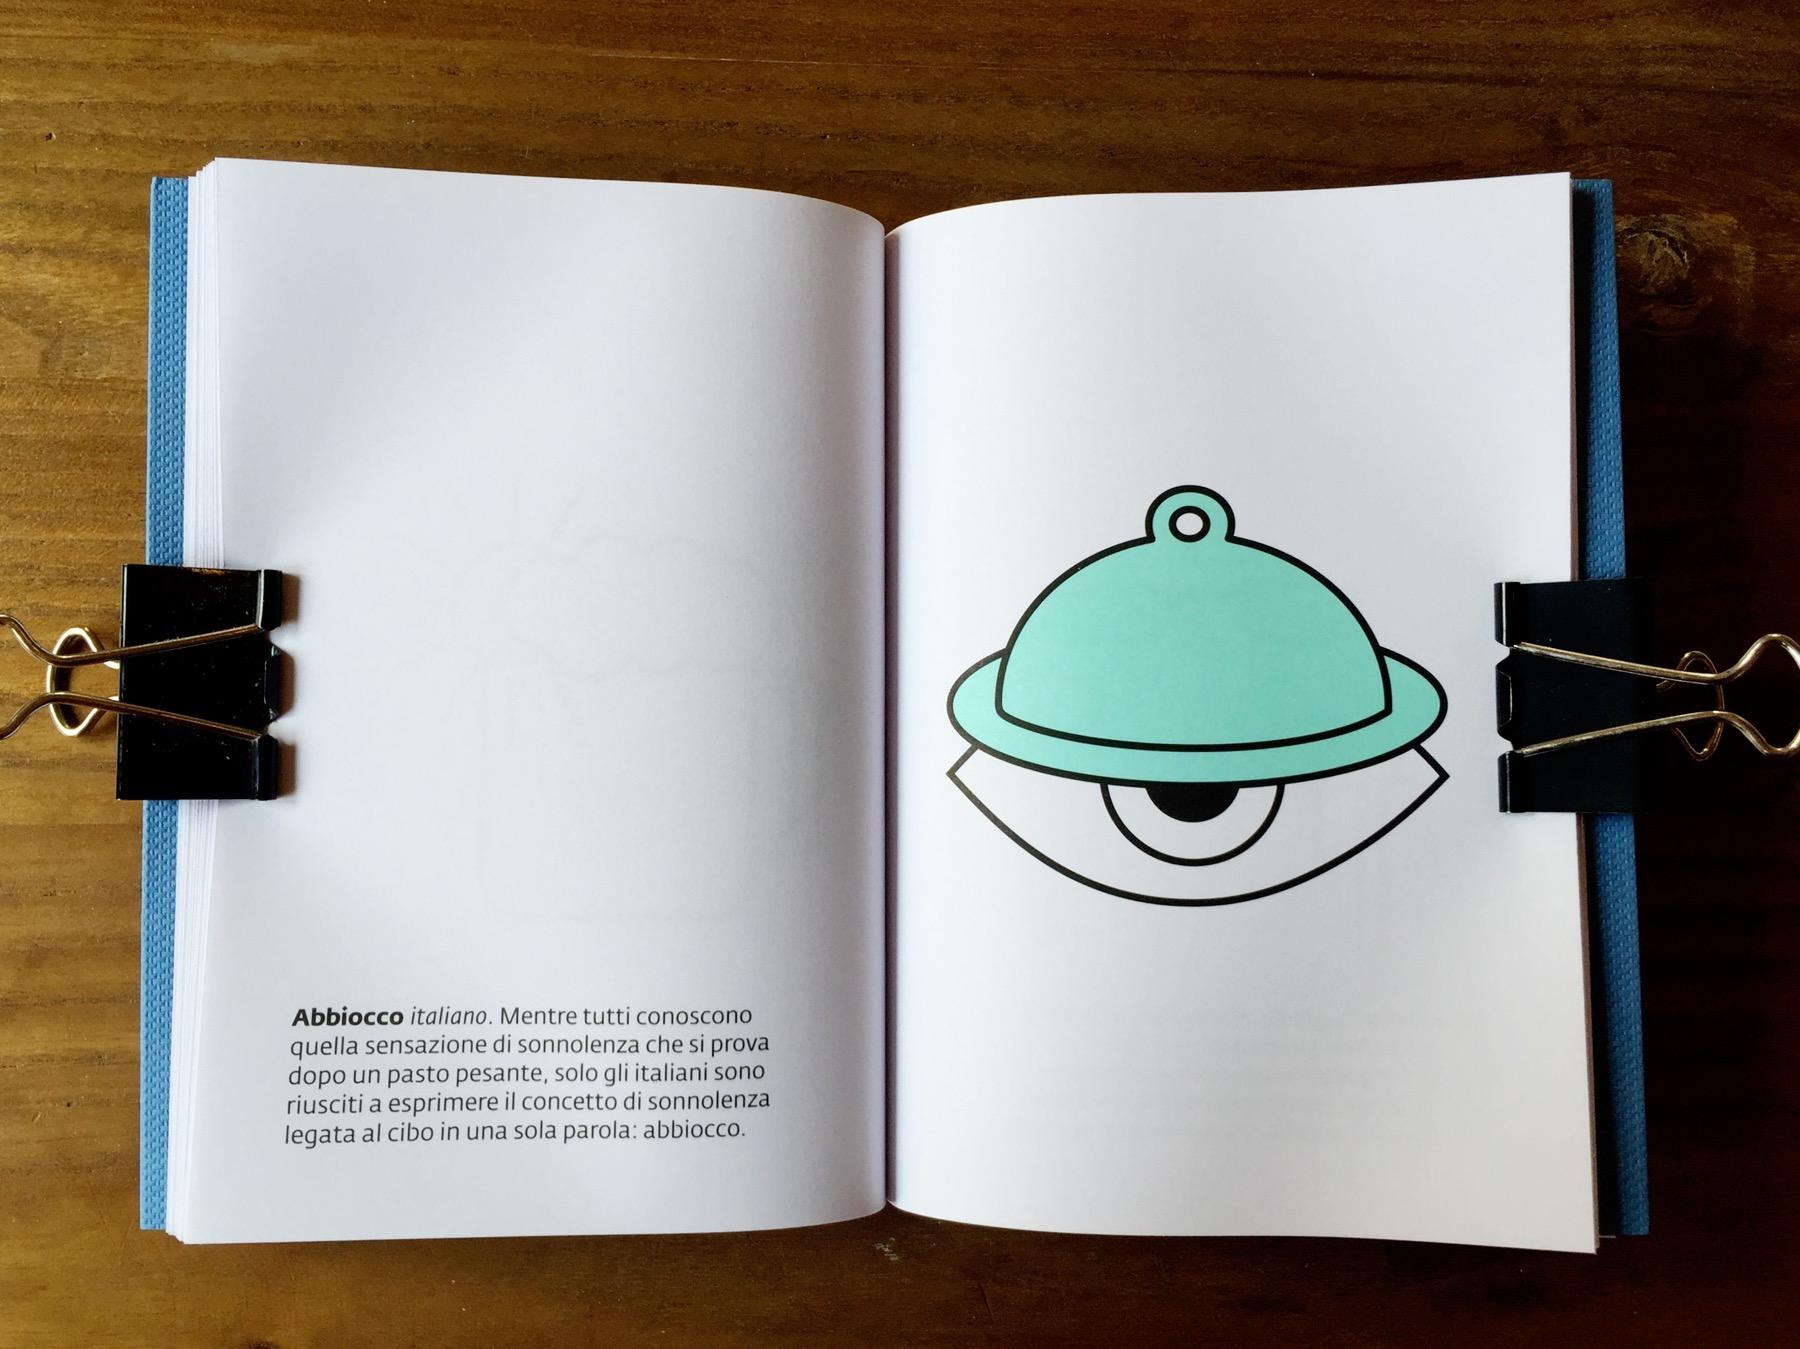 Le intraducibili: un libricino illustrato sulle parole impossibili da tradurre